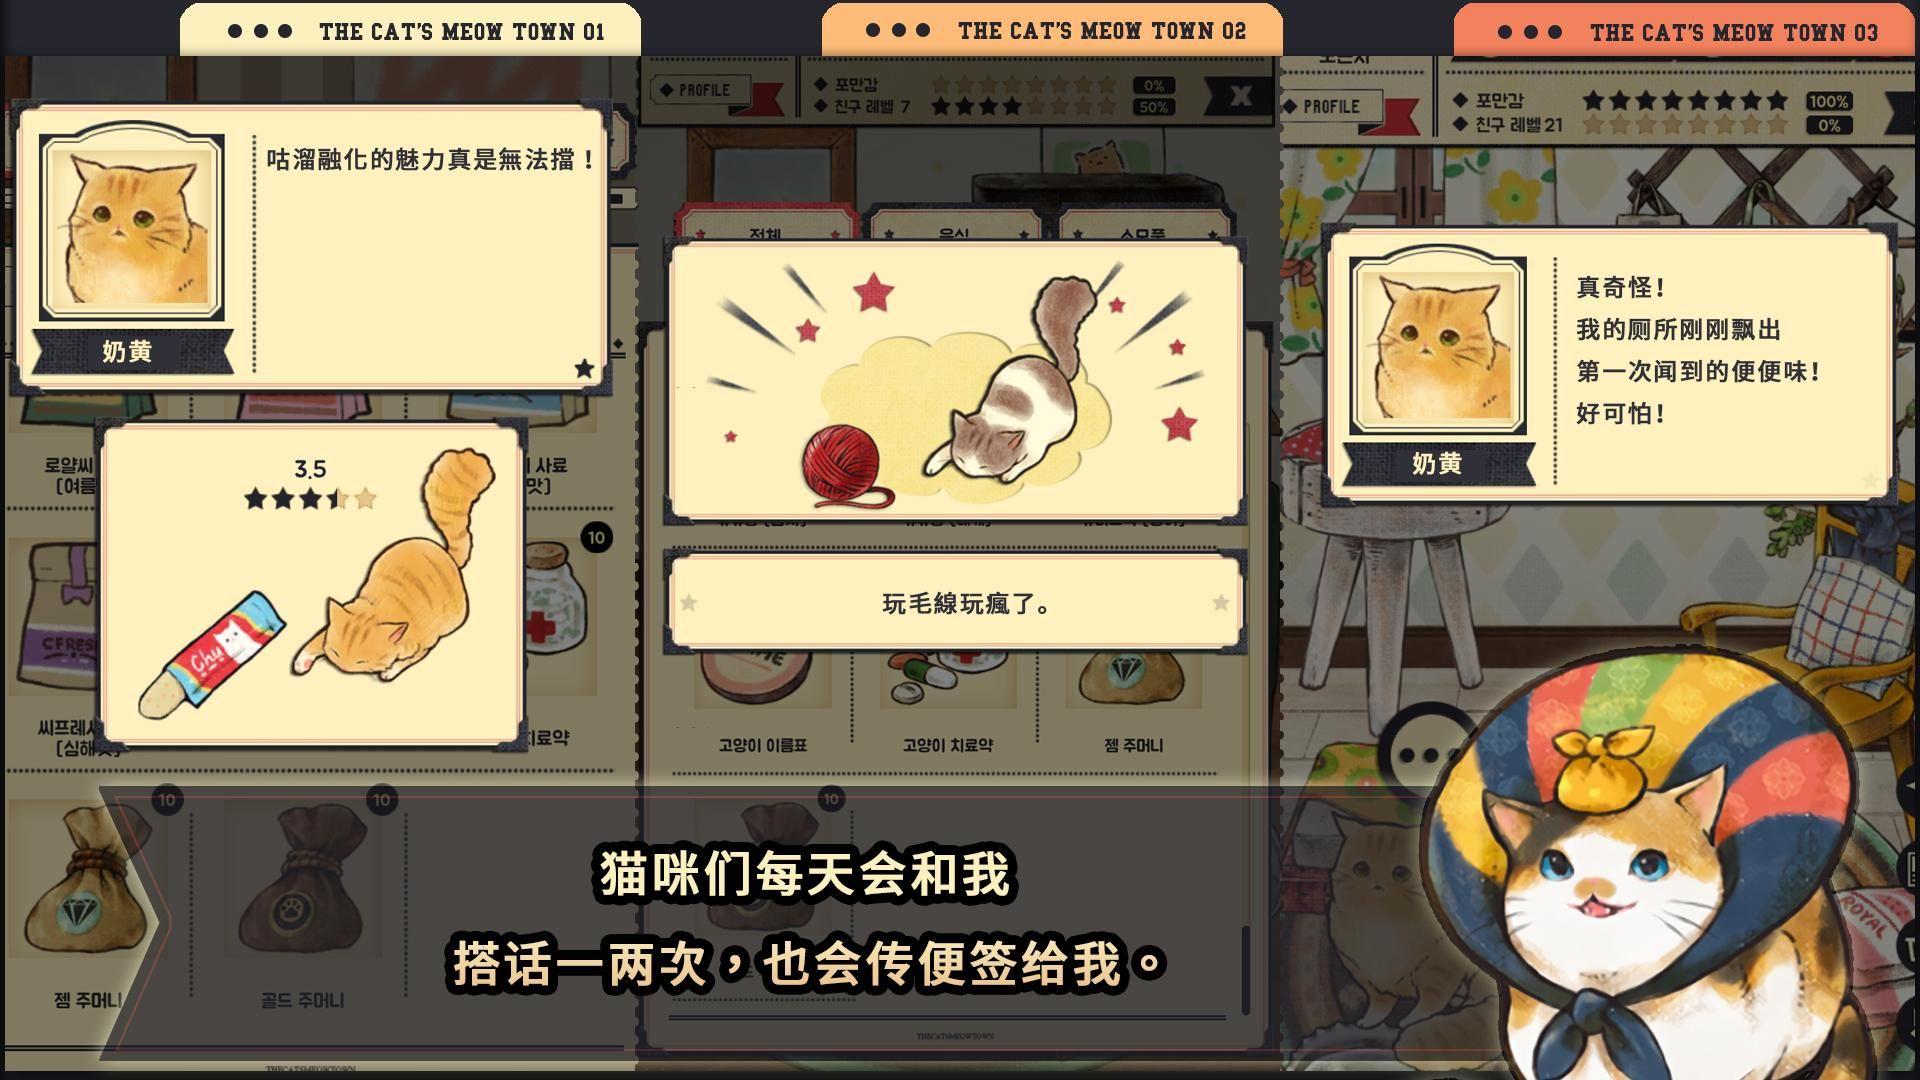 猫咪天堂 游戏截图3